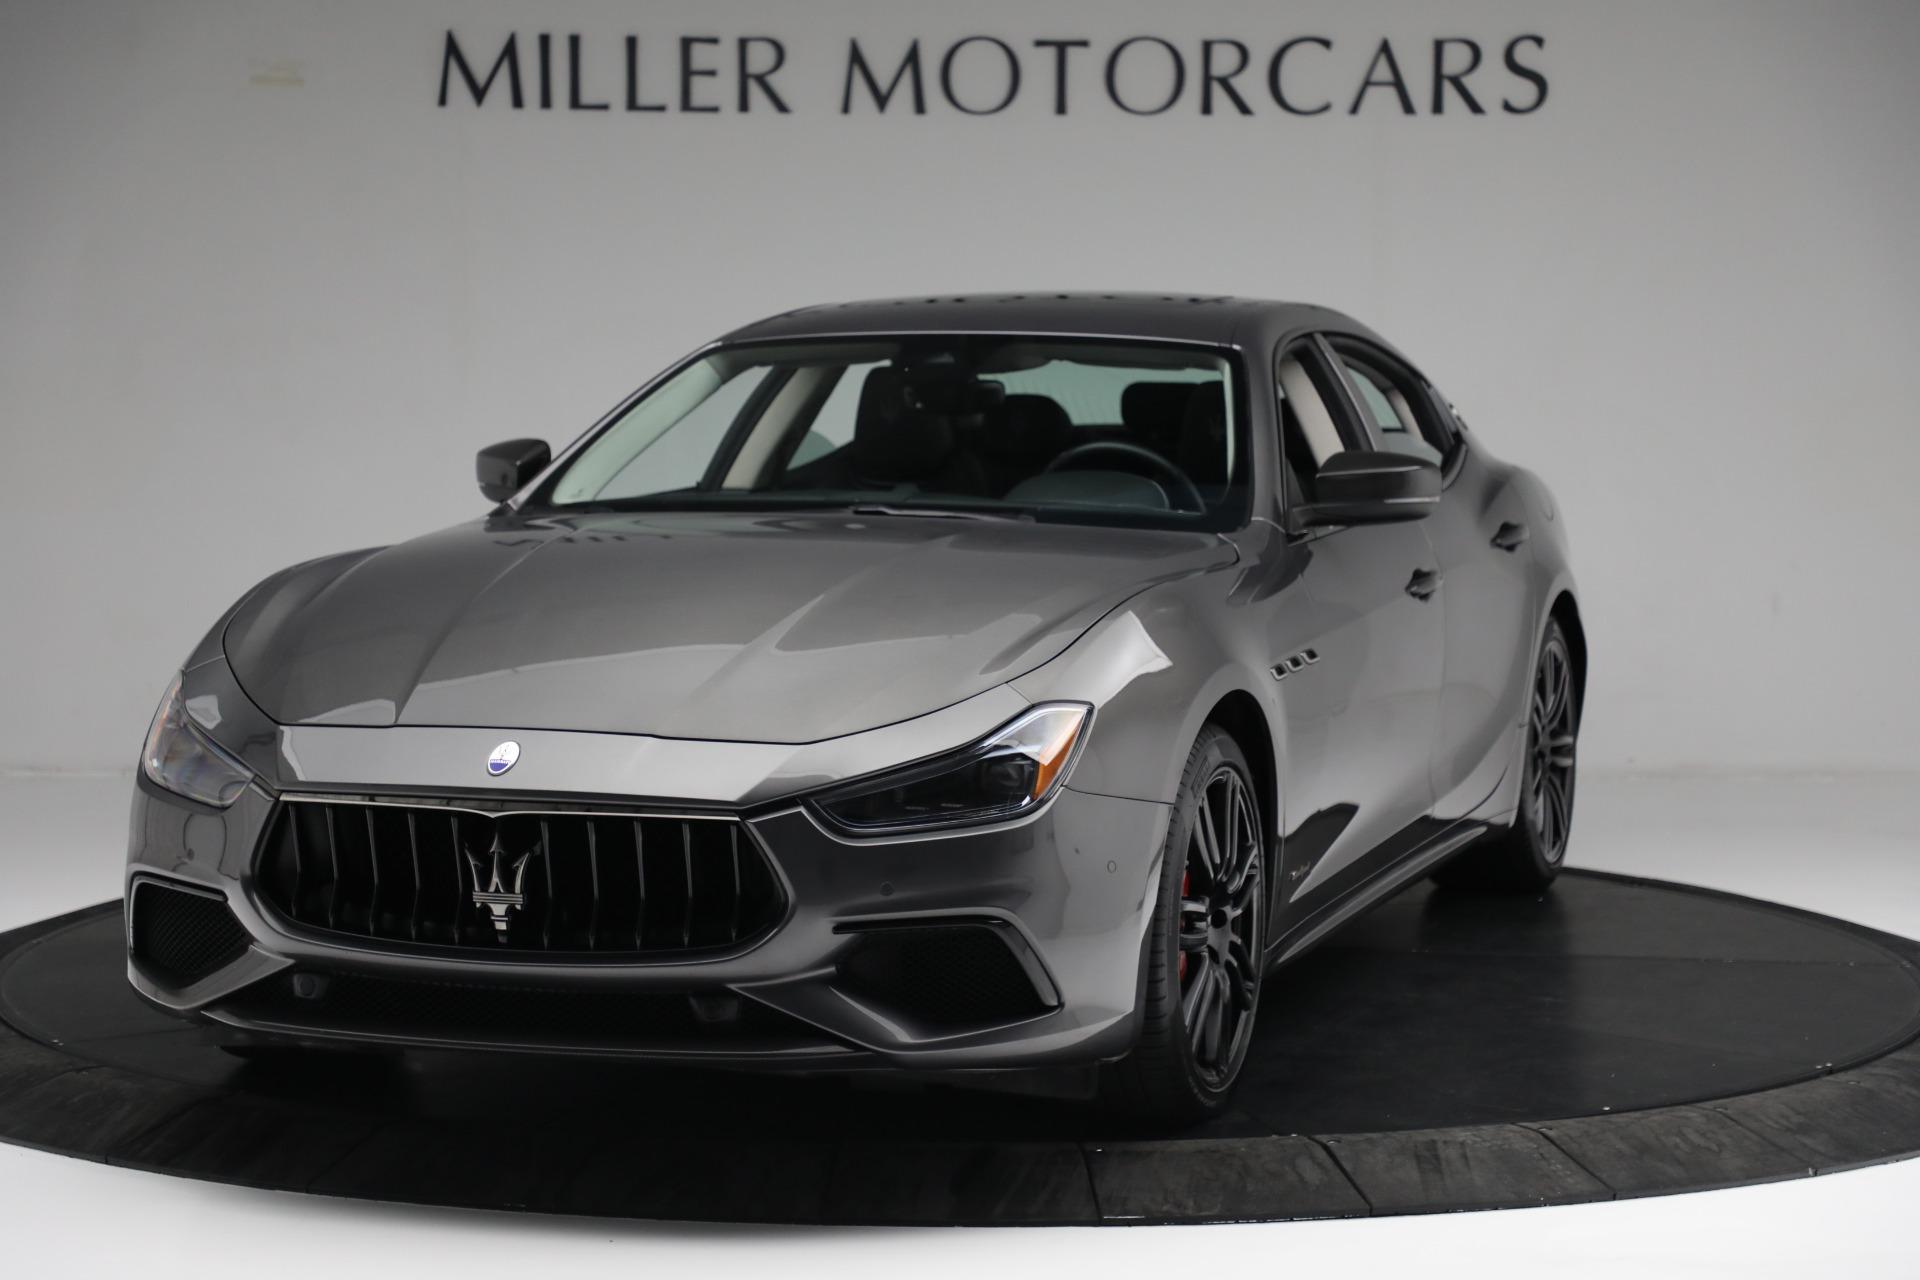 New 2018 Maserati Ghibli SQ4 GranSport Nerissimo For Sale In Greenwich, CT 2355_main